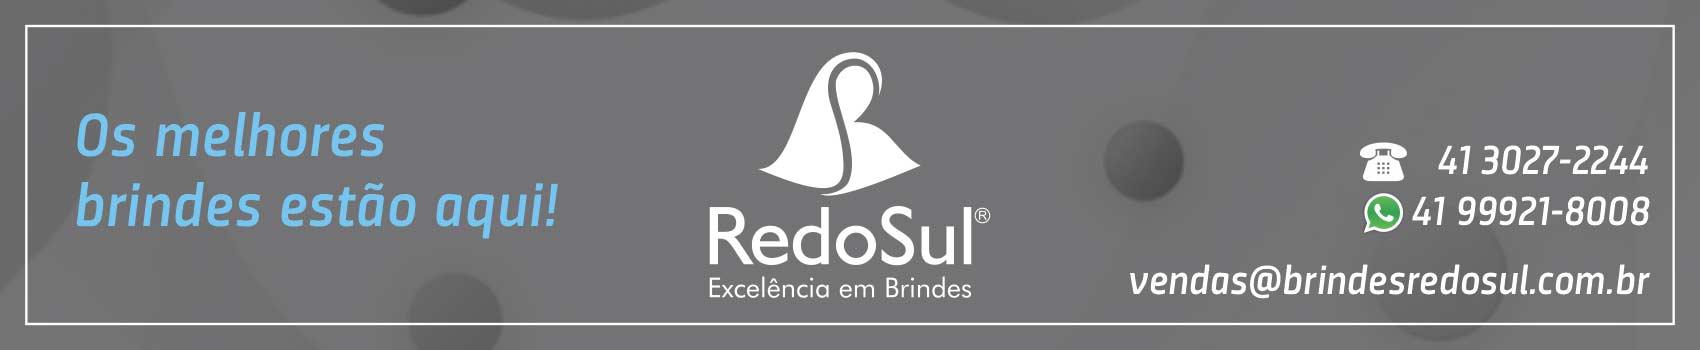 Redosul Brindes